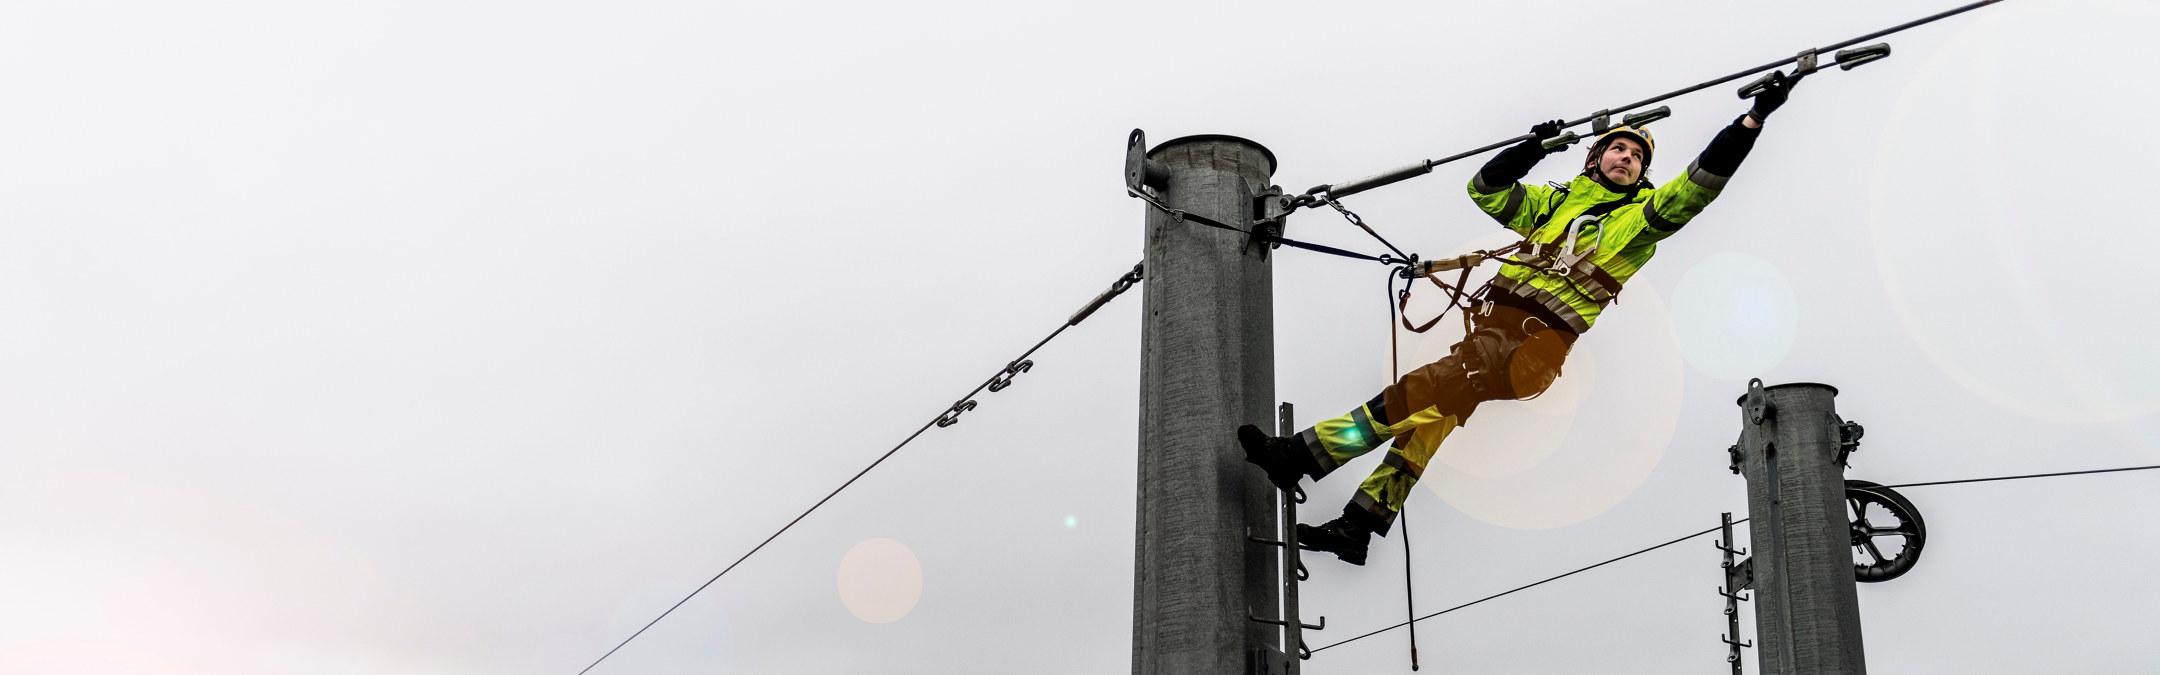 Foto: En energimontør jobber i en strømmast